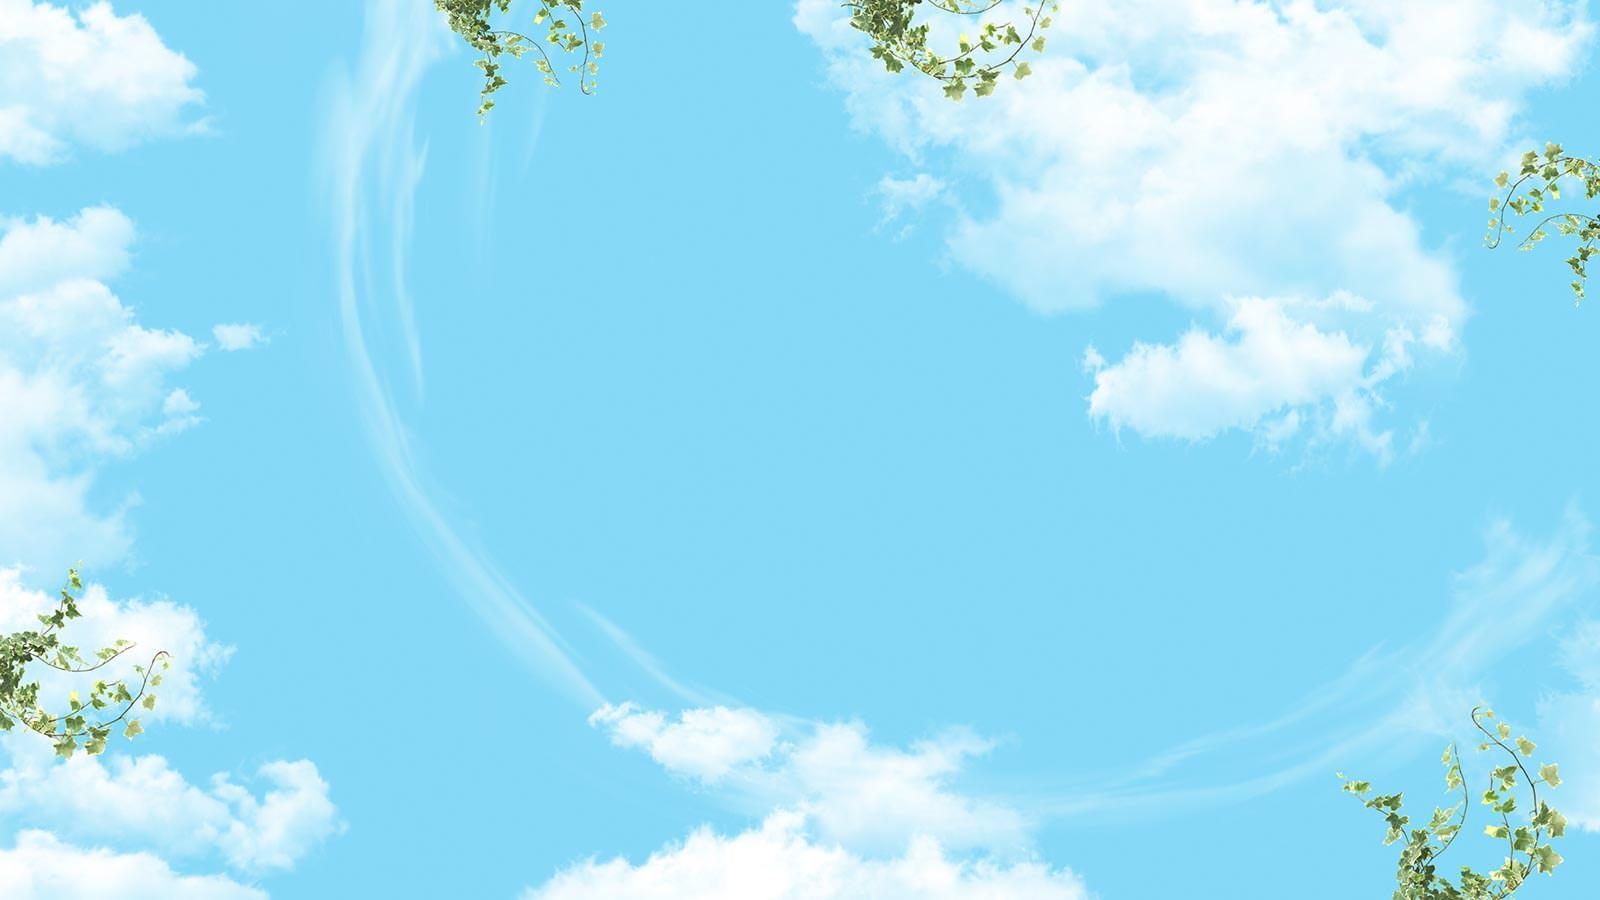 Фон для открытки голубое небо